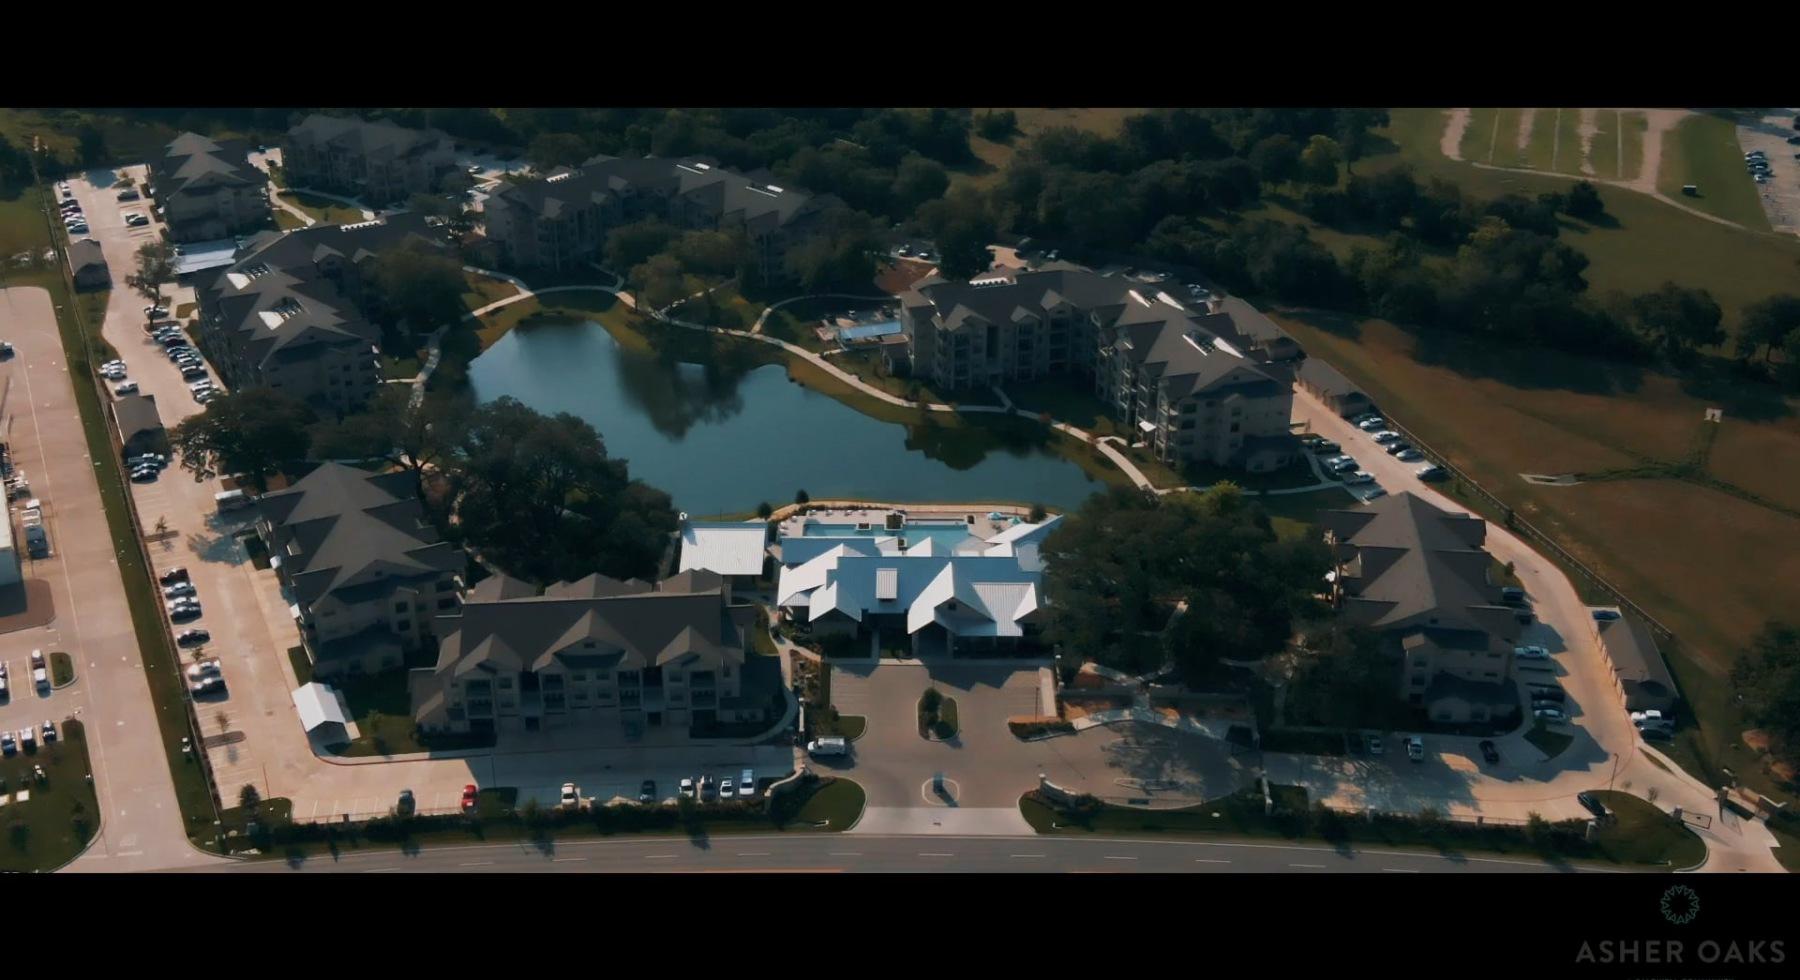 Asher Oaks